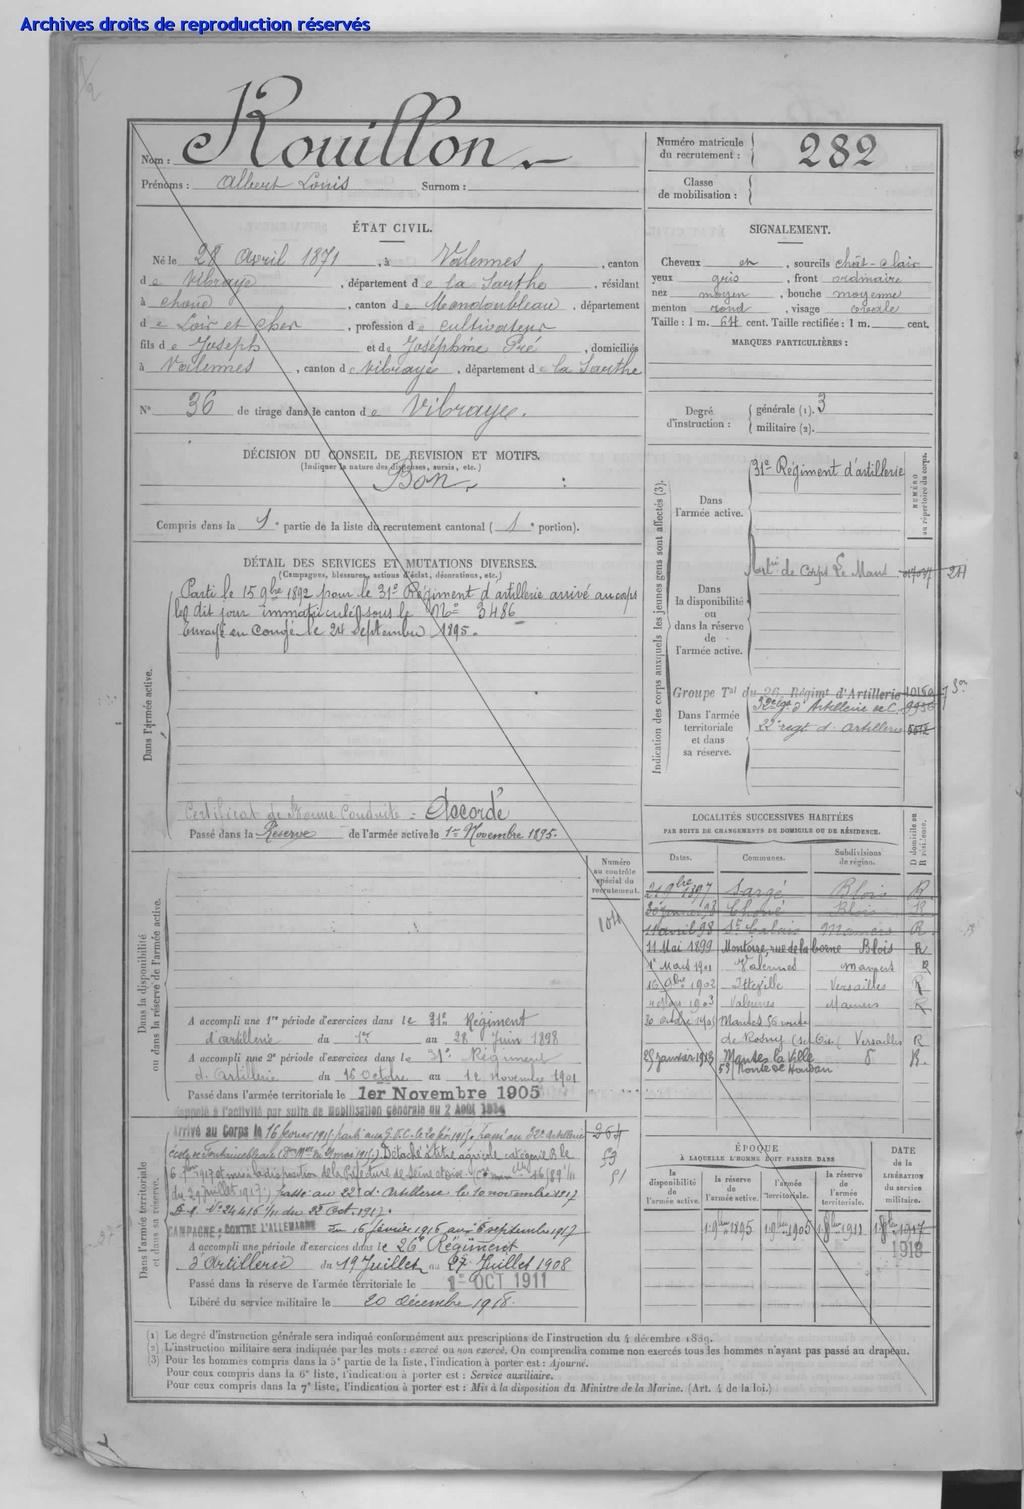 Le soldat Rouillon Léon Denis M à J du 21/12/20 Archiv10